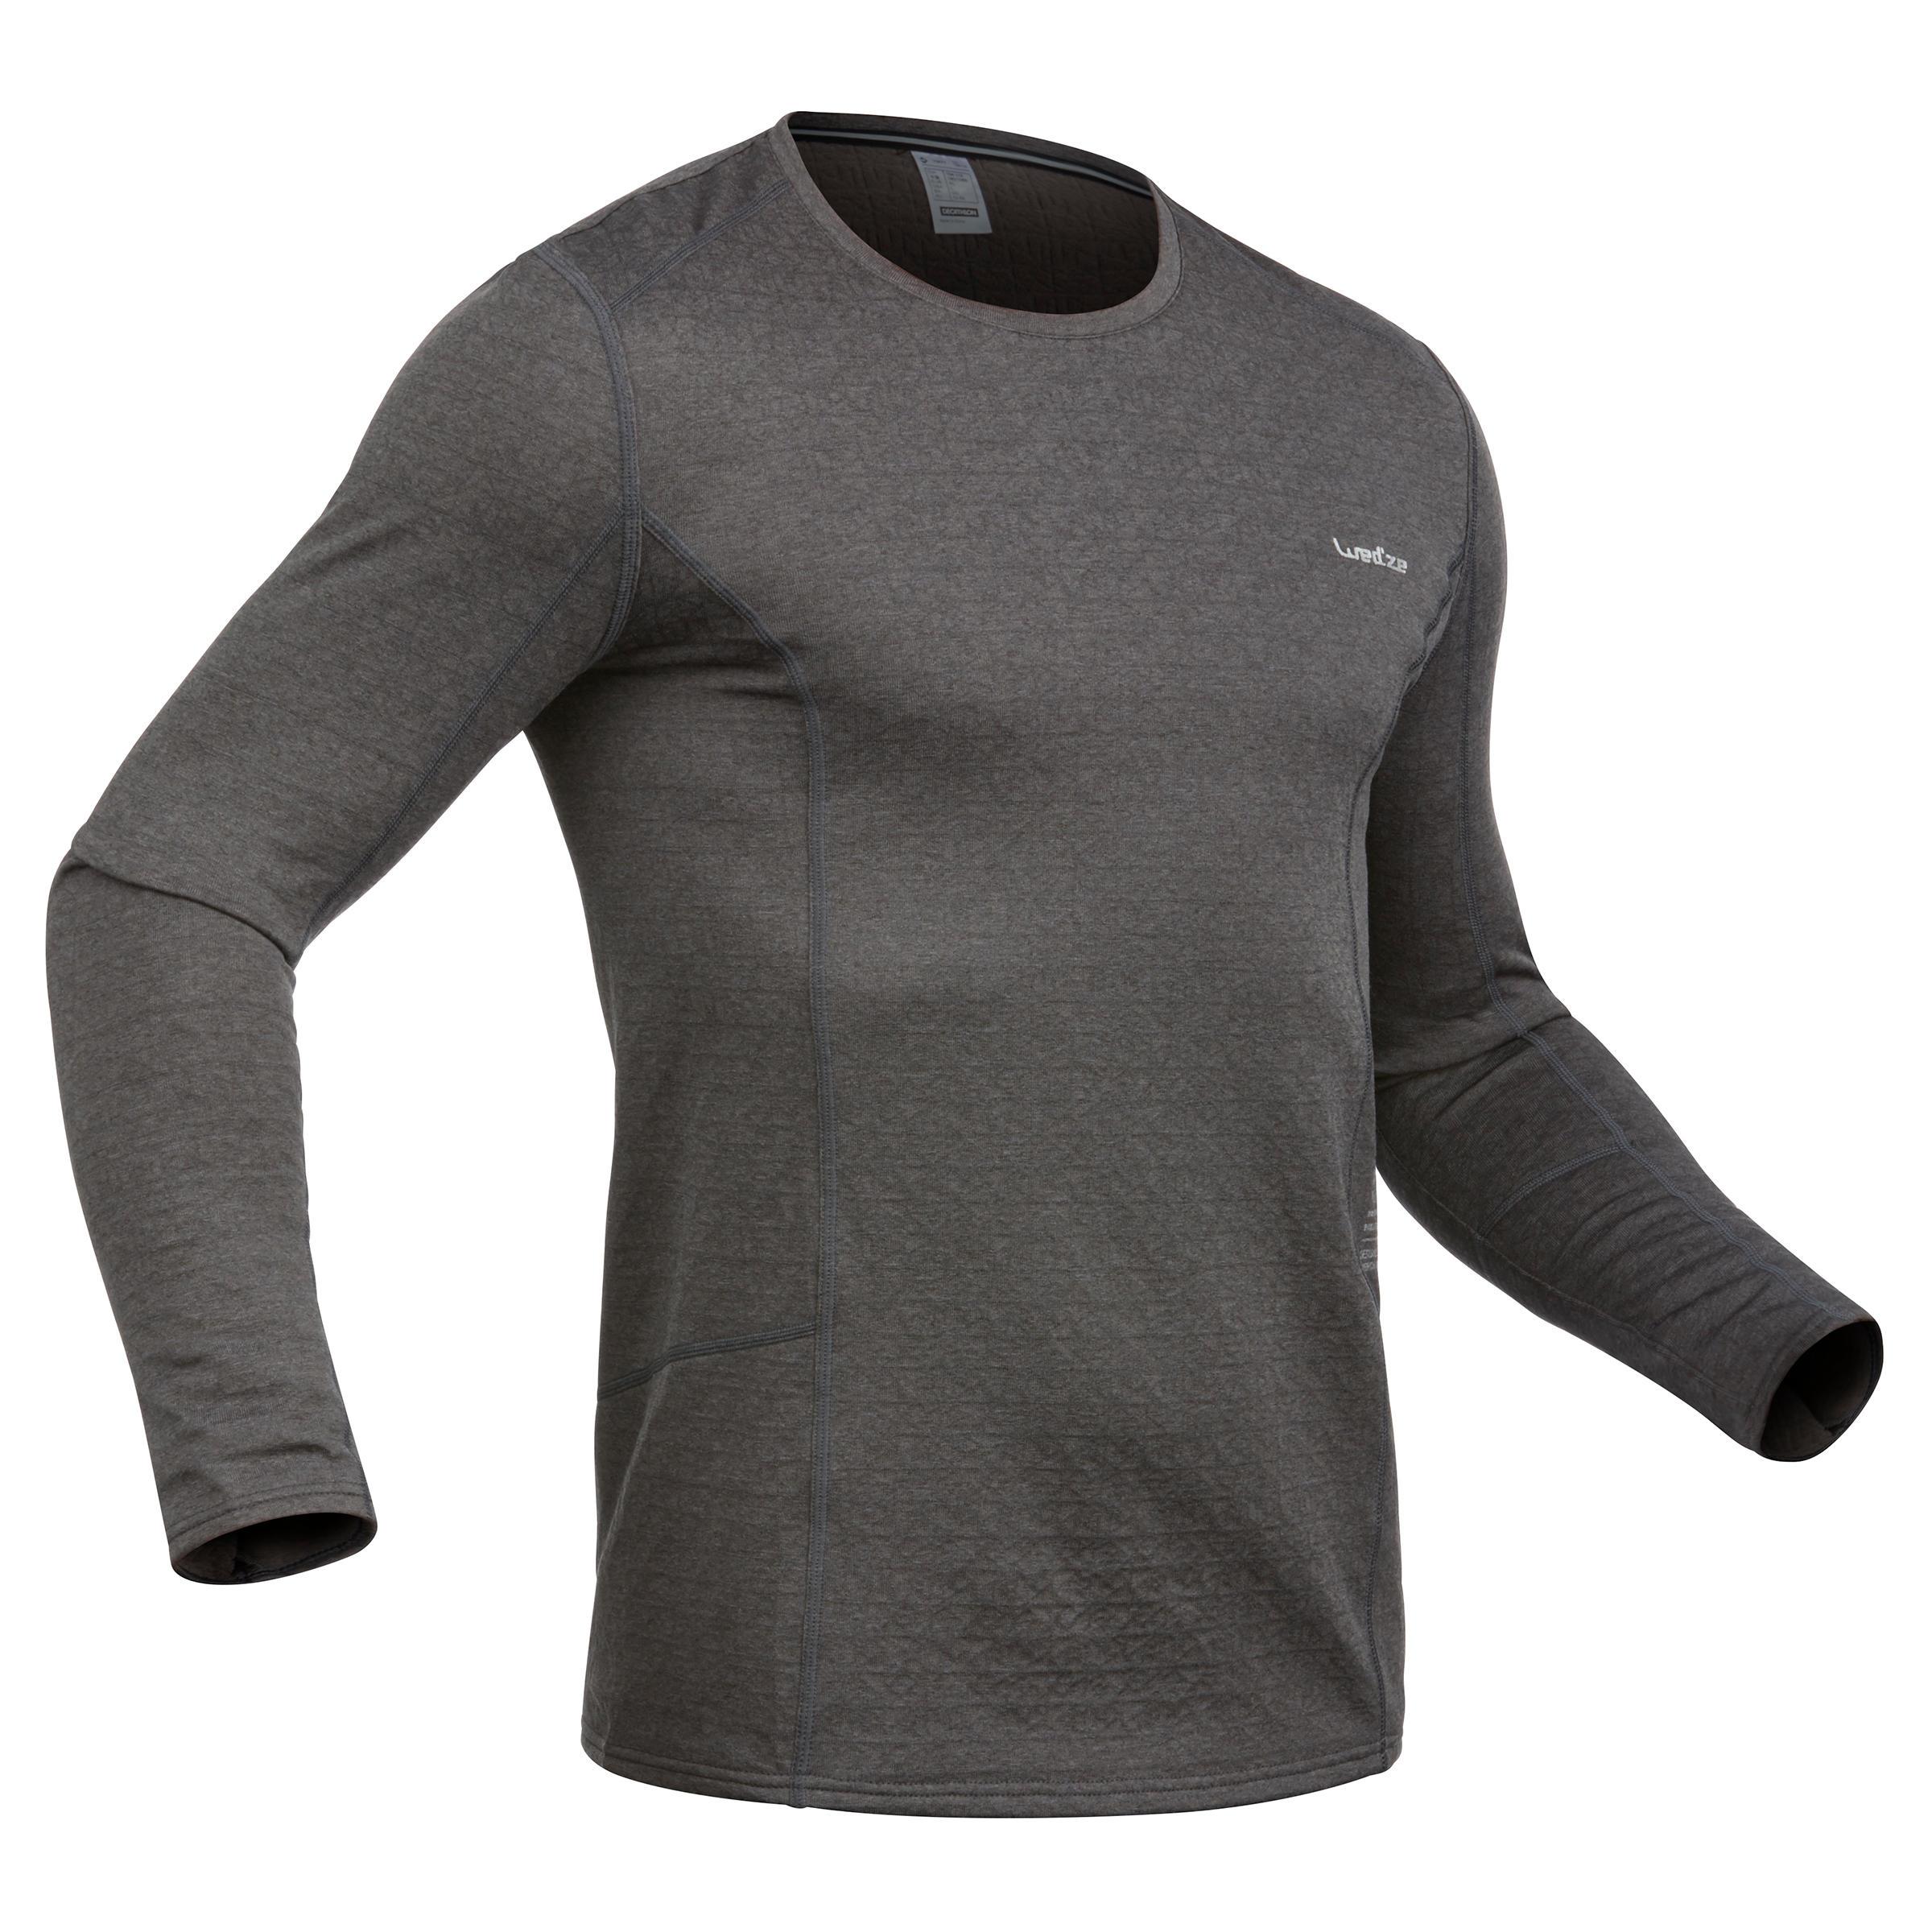 Skiunterhemd Funktionsshirt 500 Herren grau | Sportbekleidung > Funktionswäsche > Thermounterwäsche | Wed'ze